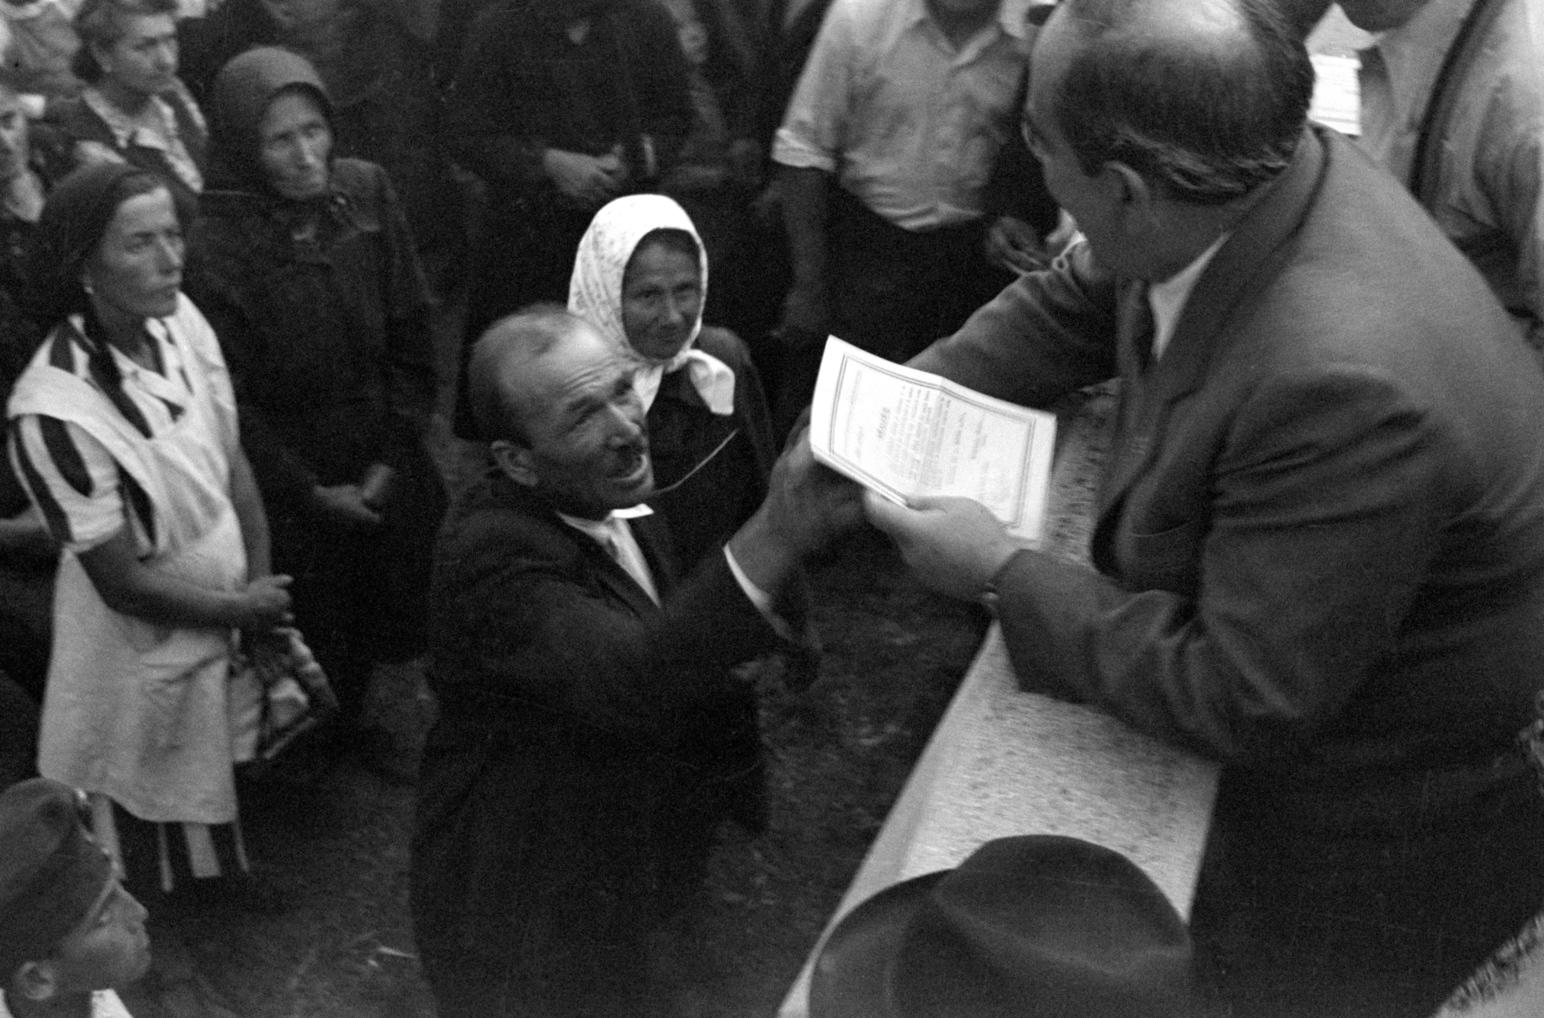 Nagy Imre, a Magyar Kommunista Párt Központi Vezetőségének tagja földosztási birtokleveleket ad át a Nemzeti Segély kecskeméti gyermekotthonának avatási ünnepségén 1947-ben (Fotó: MTI/MAFIRT/Bauer Sándor)